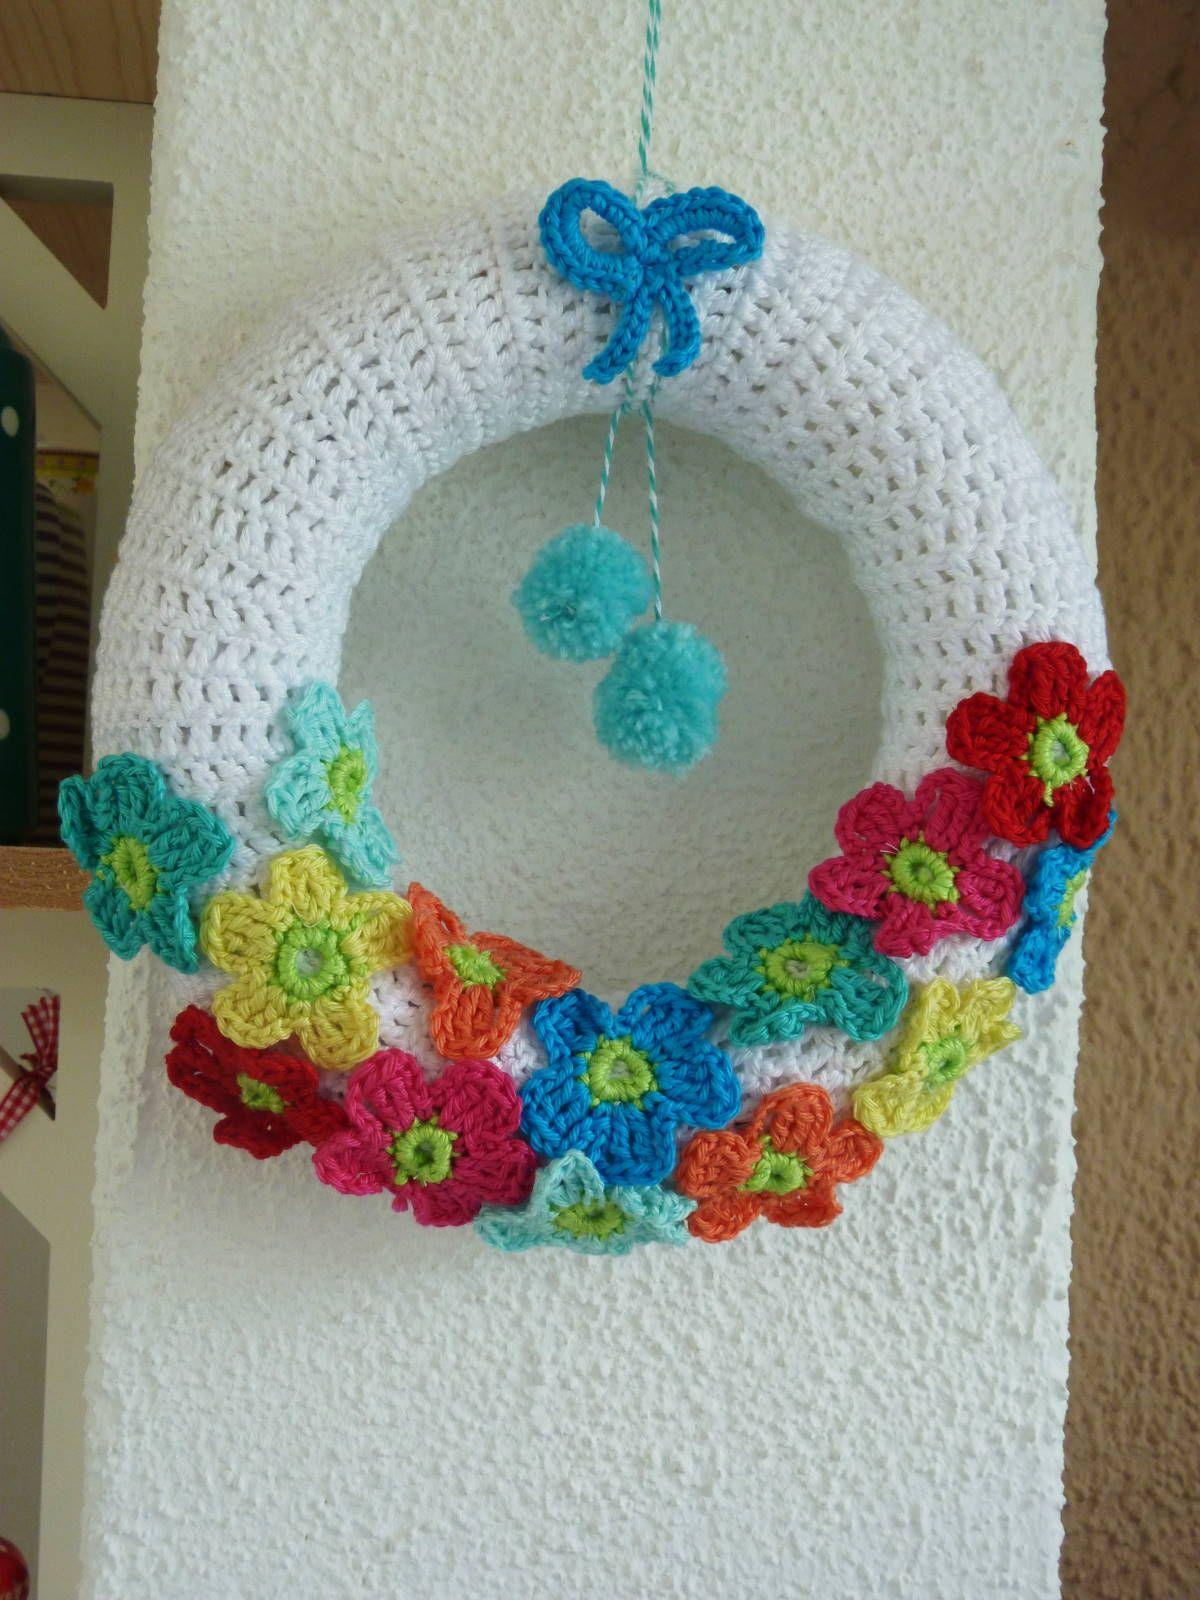 Gehaakte Krans Ideeën Voor Het Huis Croché Ganchillo En Coronas